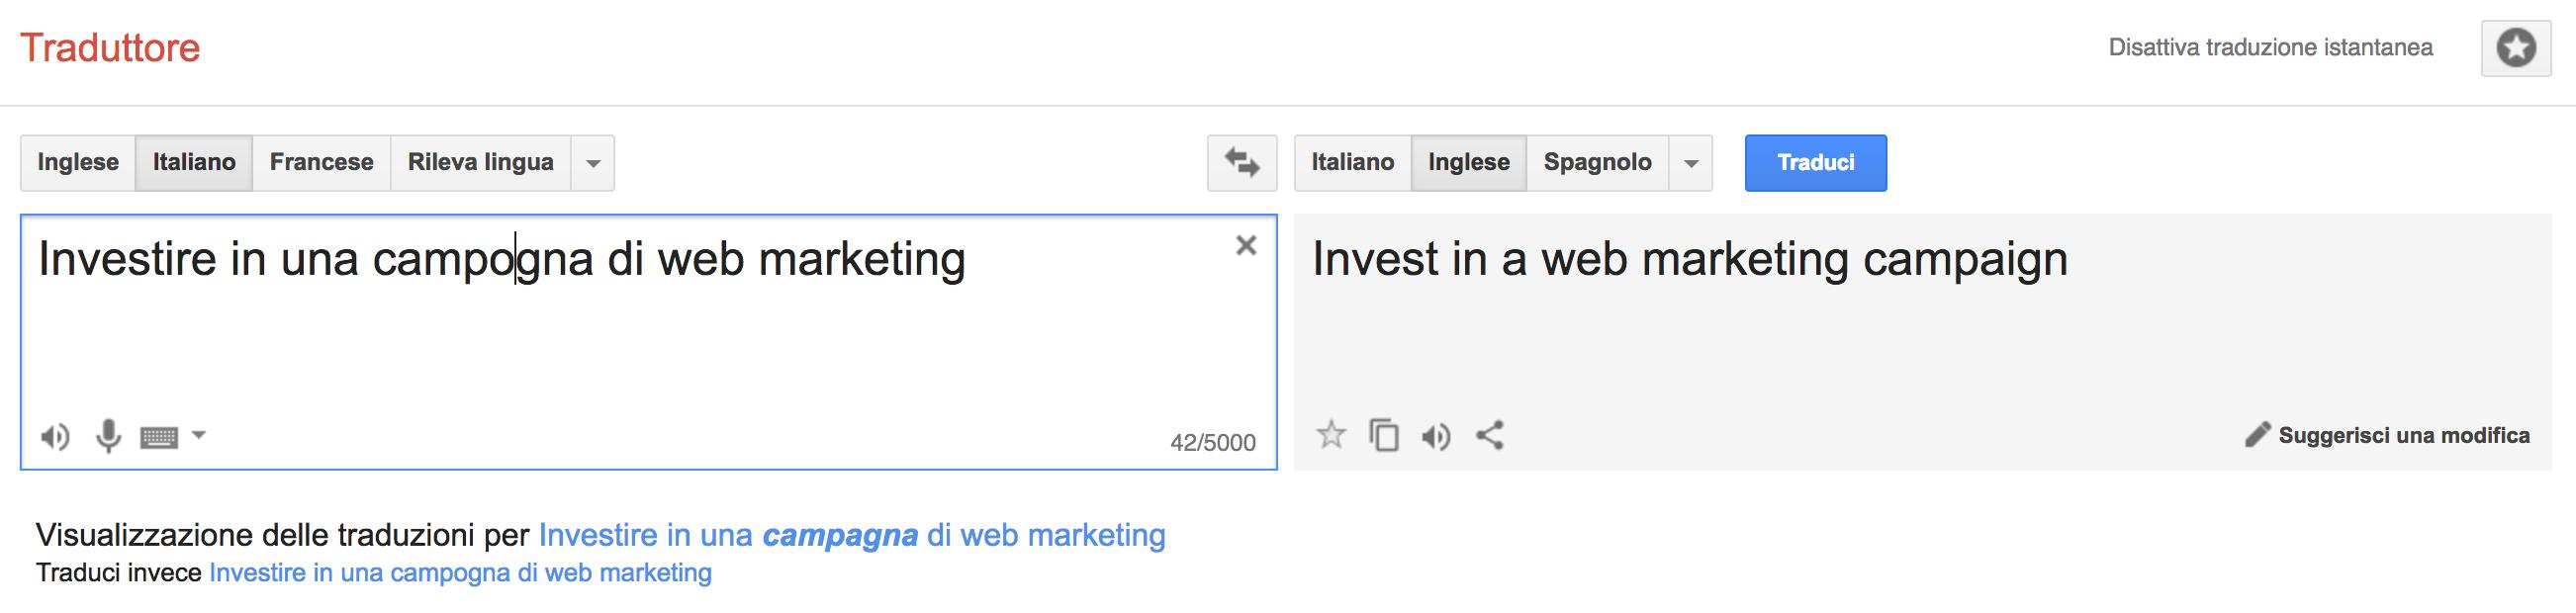 Esperimenti sulle risposte di Google Translate per la SEO Copywriting